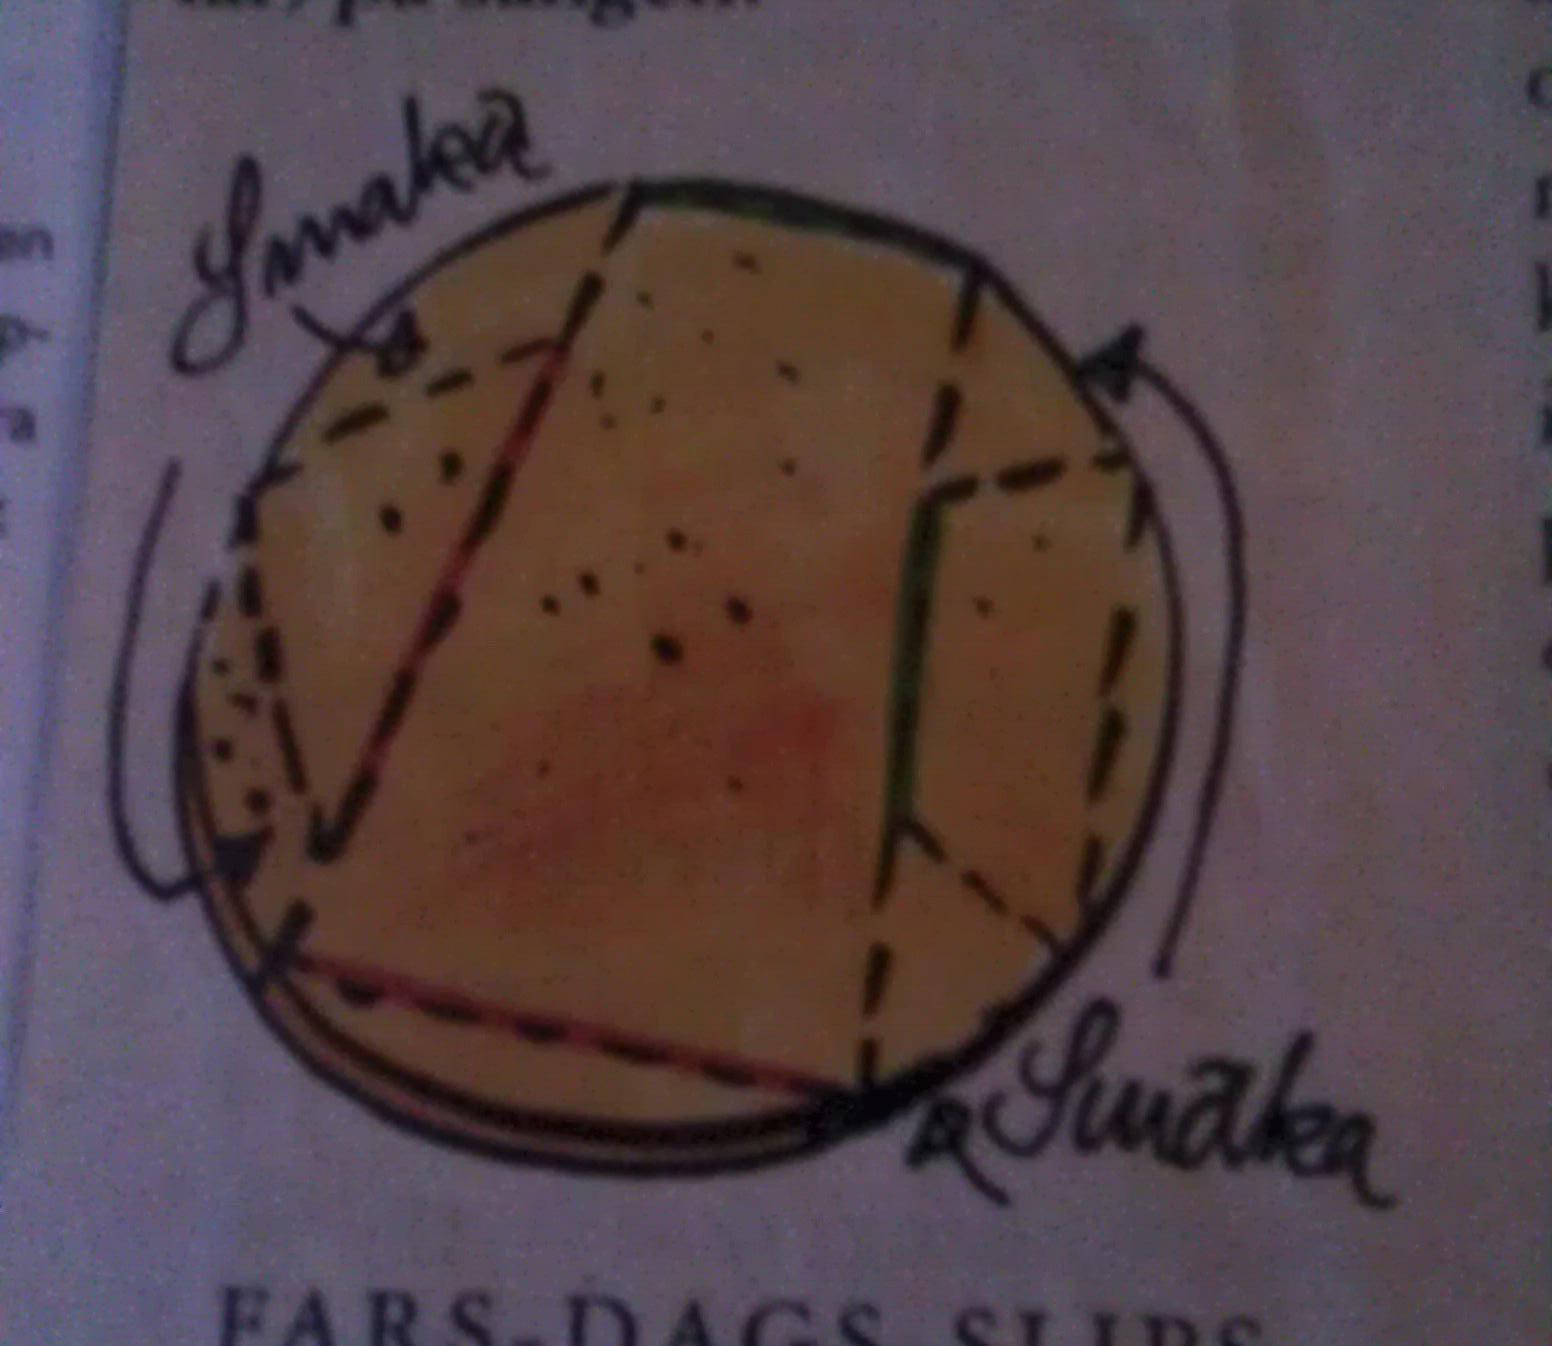 Farsdags slips